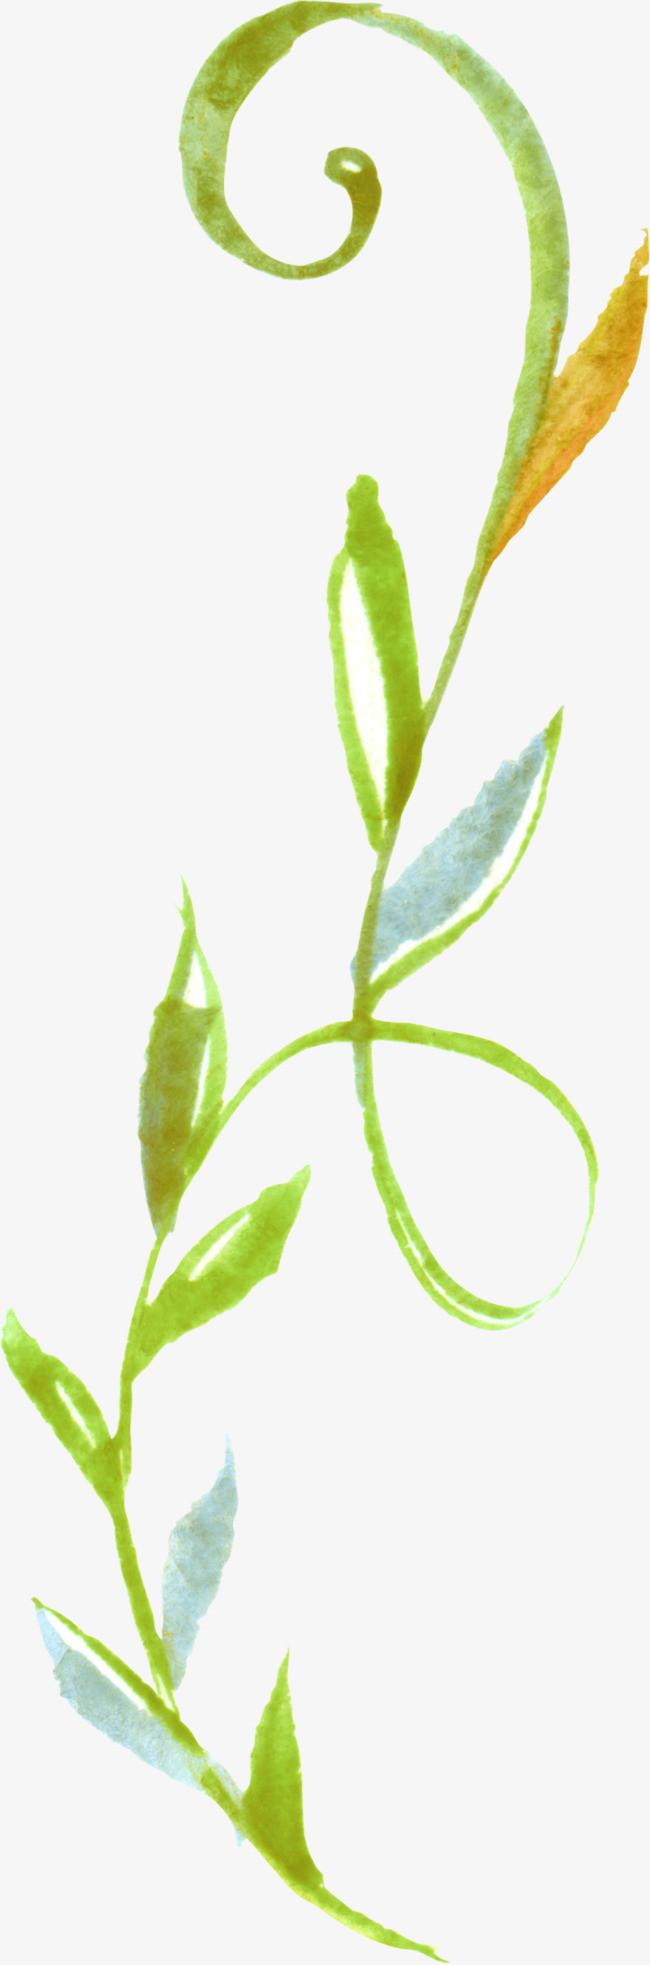 手绘绿植png素材下载_高清图片png格式(编号:18714825